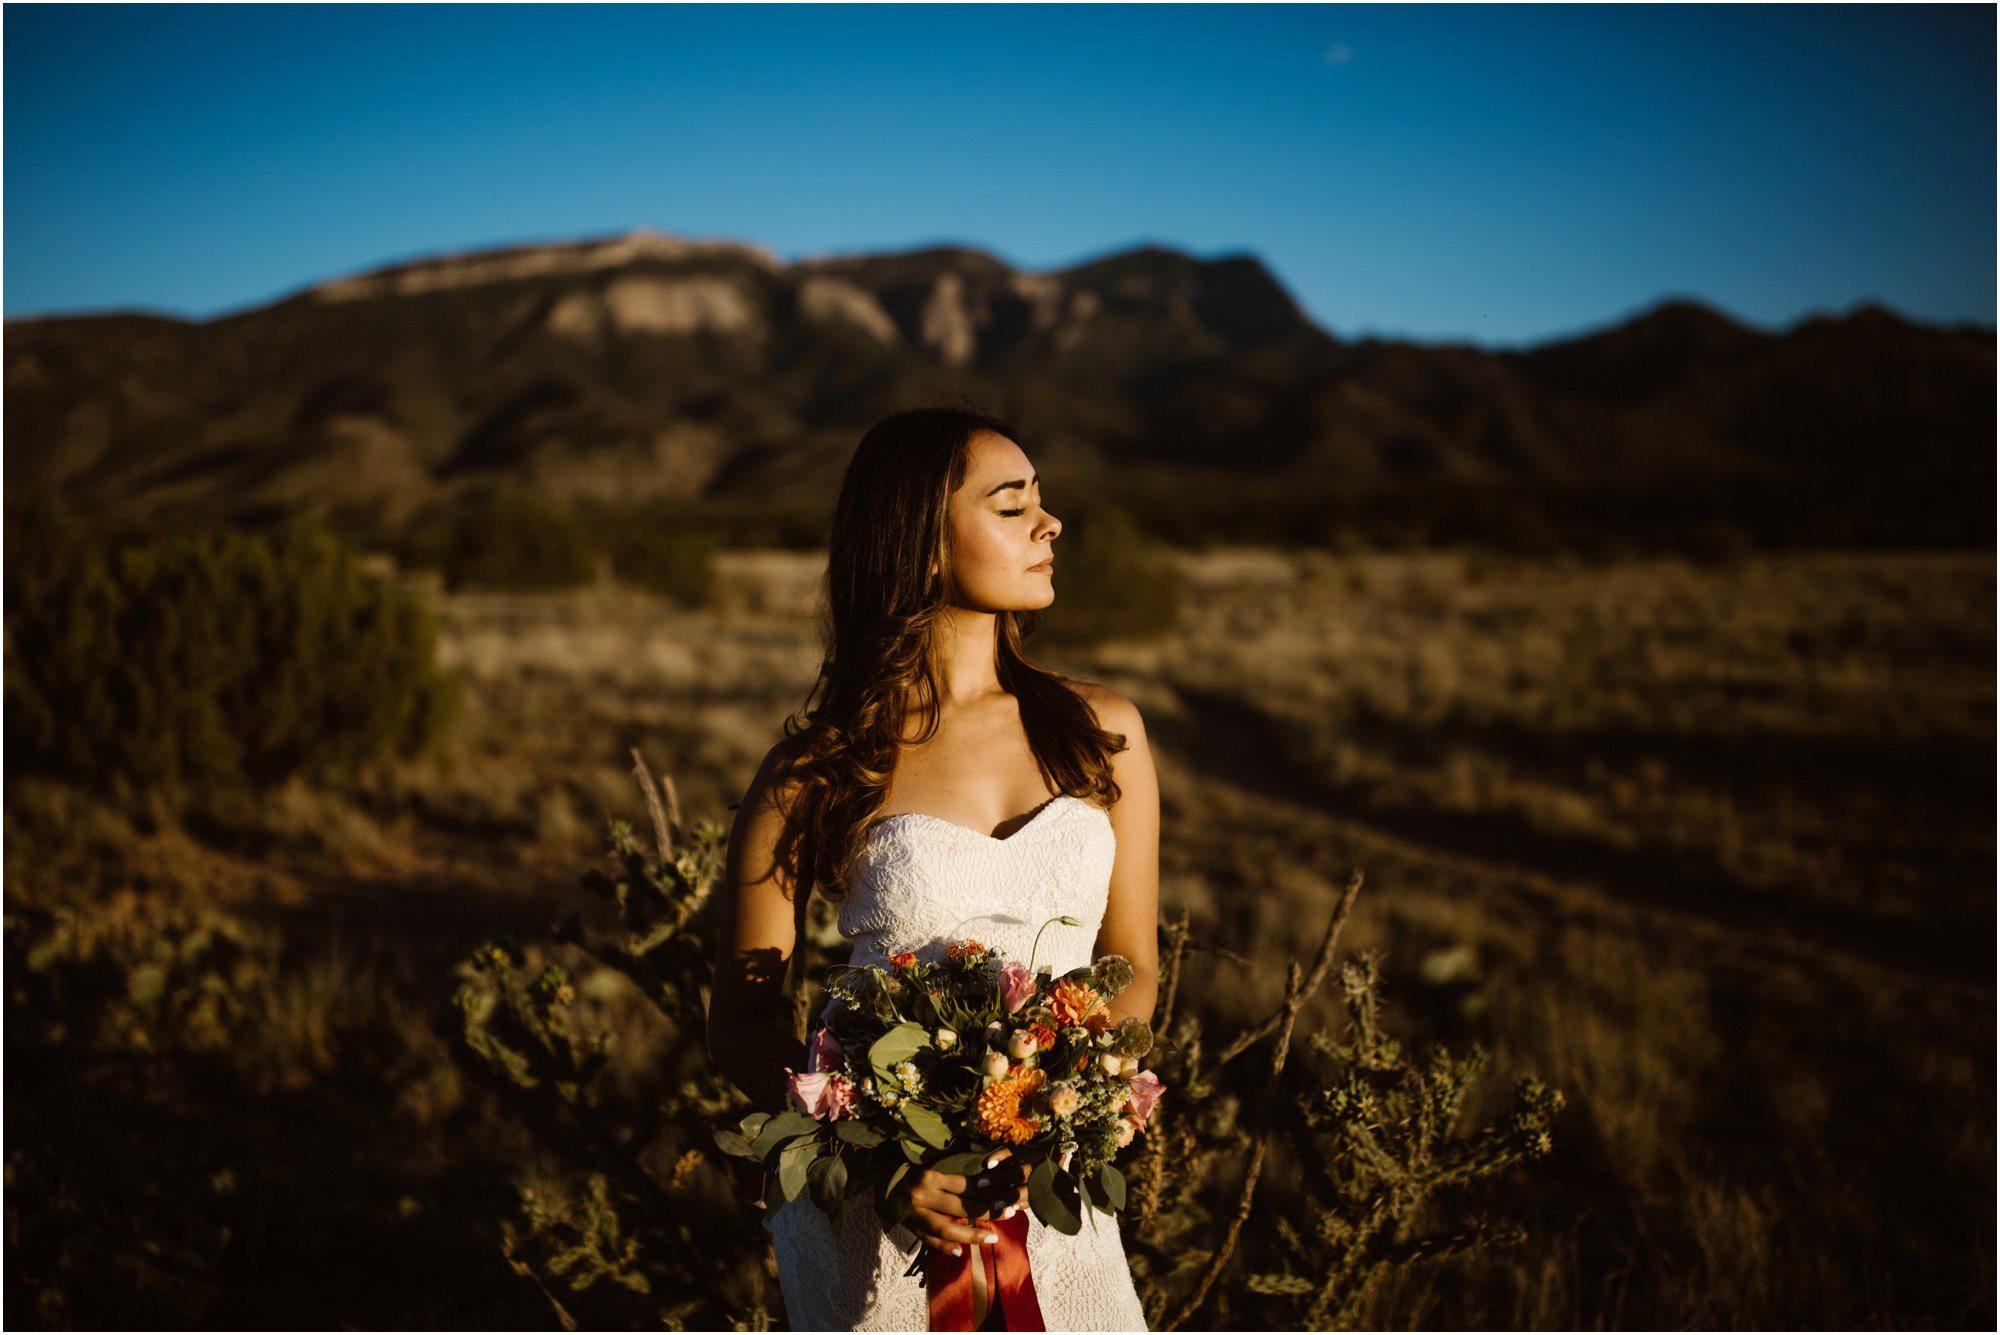 040Blue Rose Photography_ Albuquerque Portrait Photographer_ Fine Art Portraits_ Santa Fe Photographer